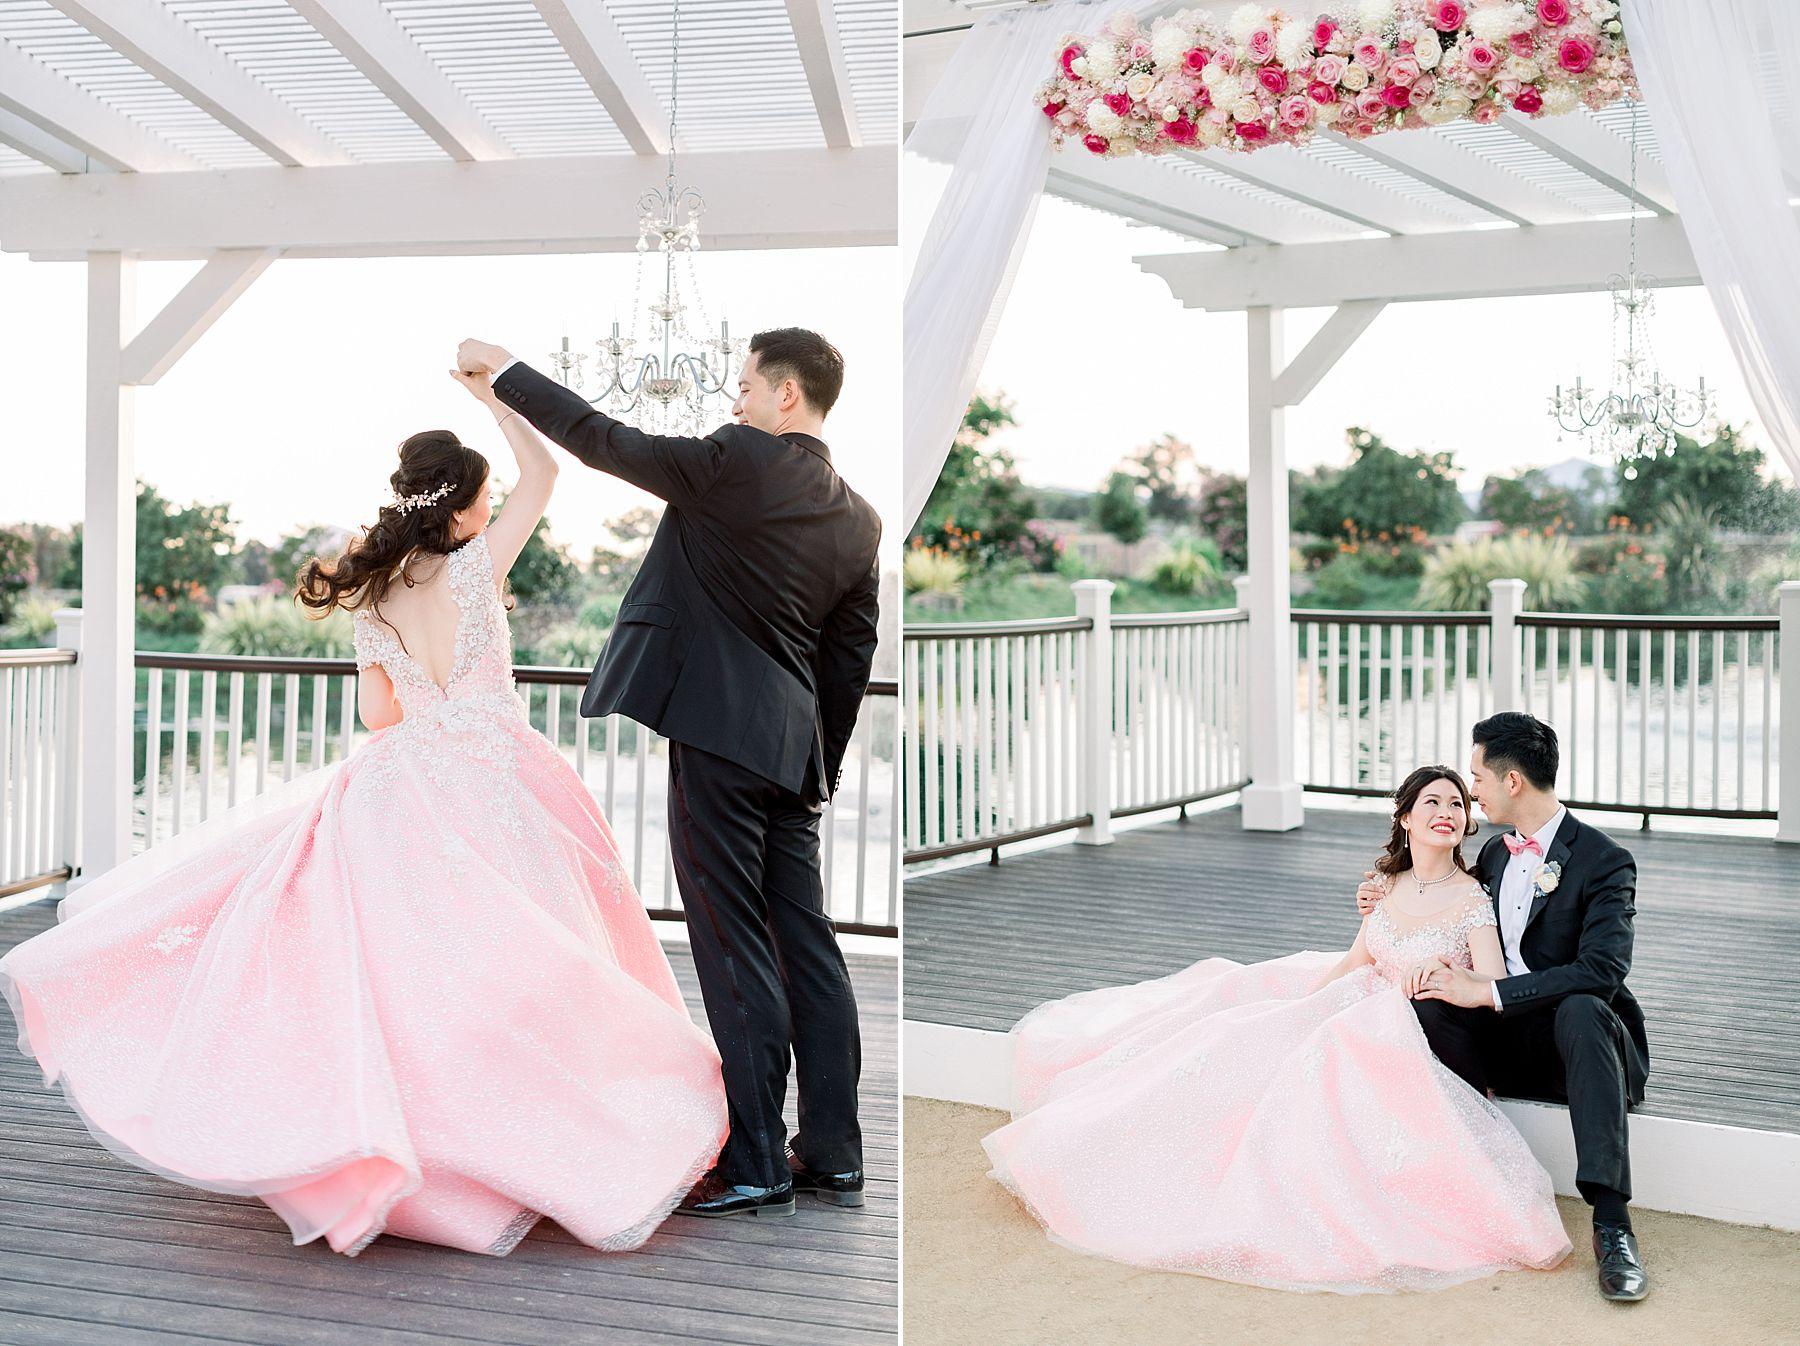 Newberry Estate Vineyards Wedding - Ashley Baumgartner - Jasmine and Johhny - Bay Area Wedding Photographer - Sacramento Wedding Photographer_0047.jpg